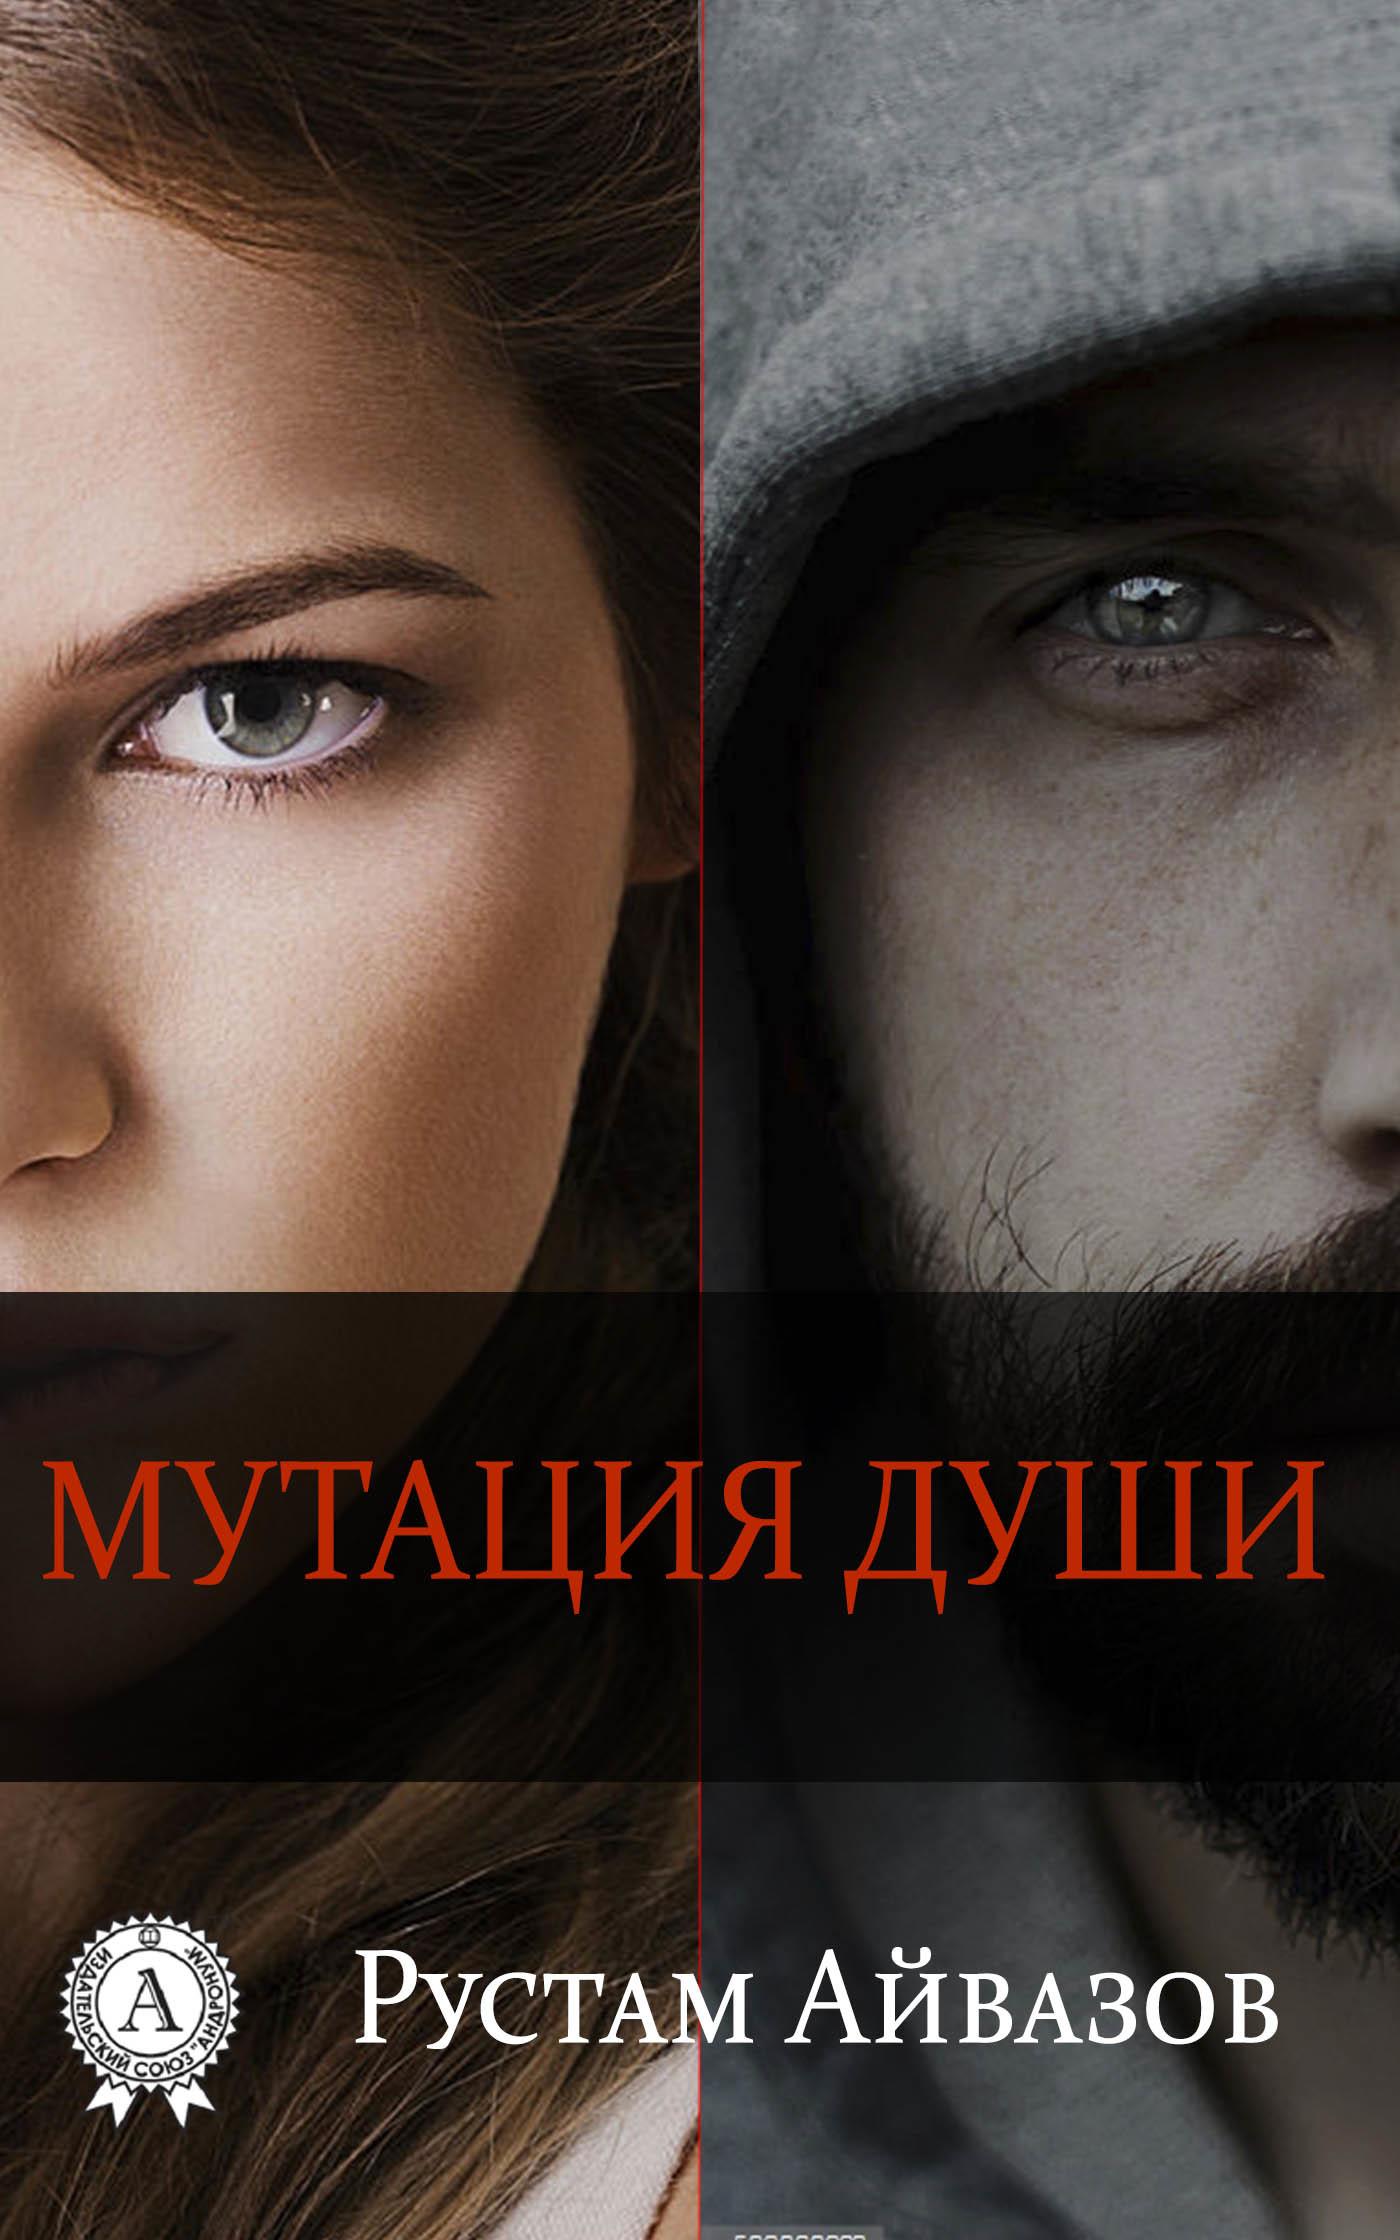 Рустам Айвазов - Мутация души